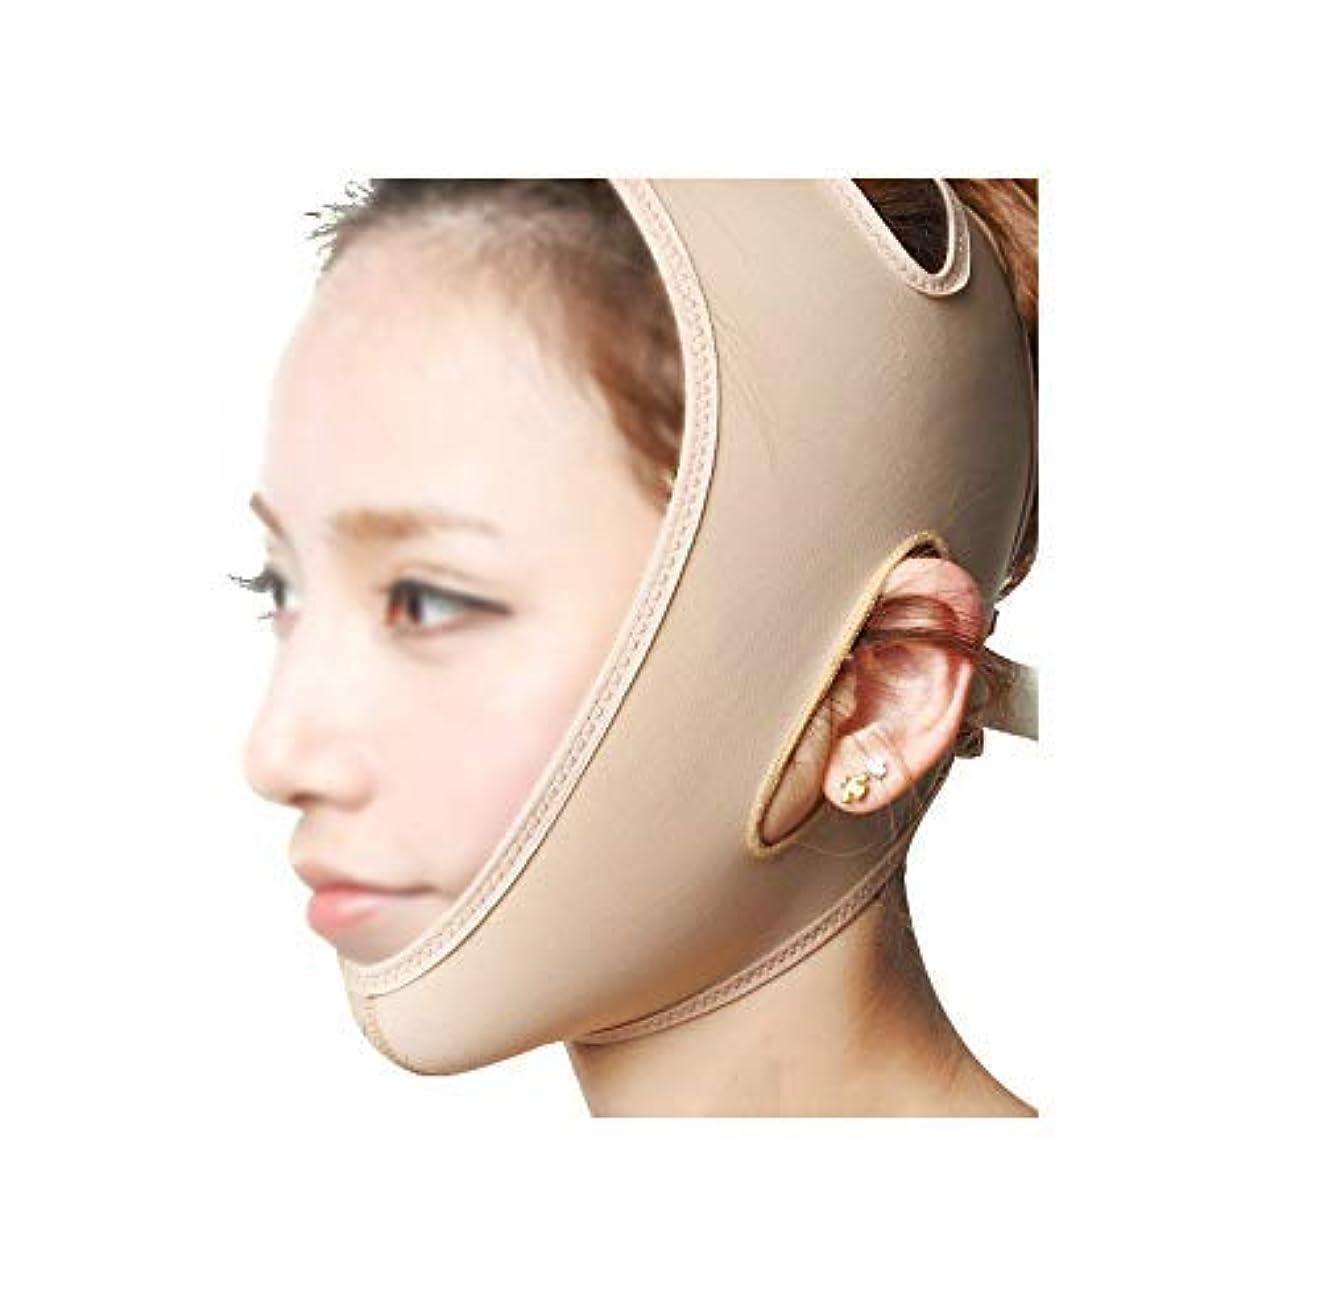 征服するコインバナナフェイスリフティングバンデージ、フェイスマスク3Dパネルデザイン、通気性に優れたライクラ素材の物理的なVフェイス、美しい顔の輪郭の作成(サイズ:S),Xl